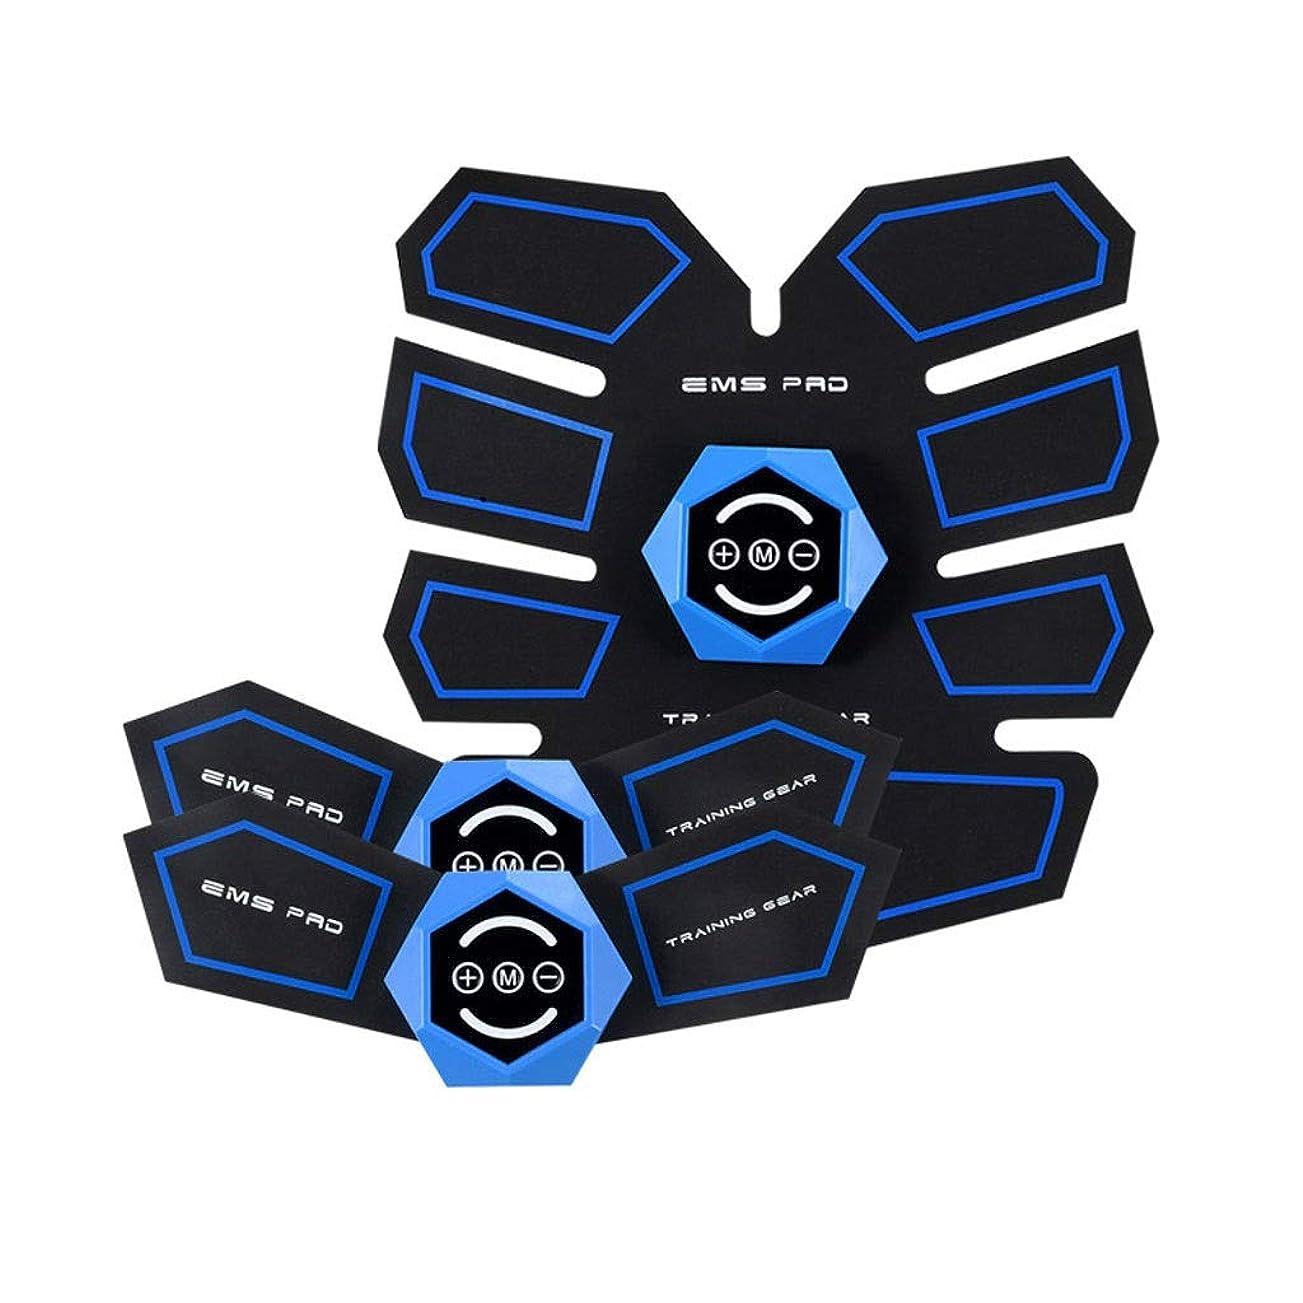 順応性湖カートリッジABSトレーナーEMS腹部電気マッスルスティミュレーター筋肉トナー調色ベルトフィットネストレーニングギアABSエクササイズマシンウエストトレーナーホームワークアウトフィットネス (Size : A)